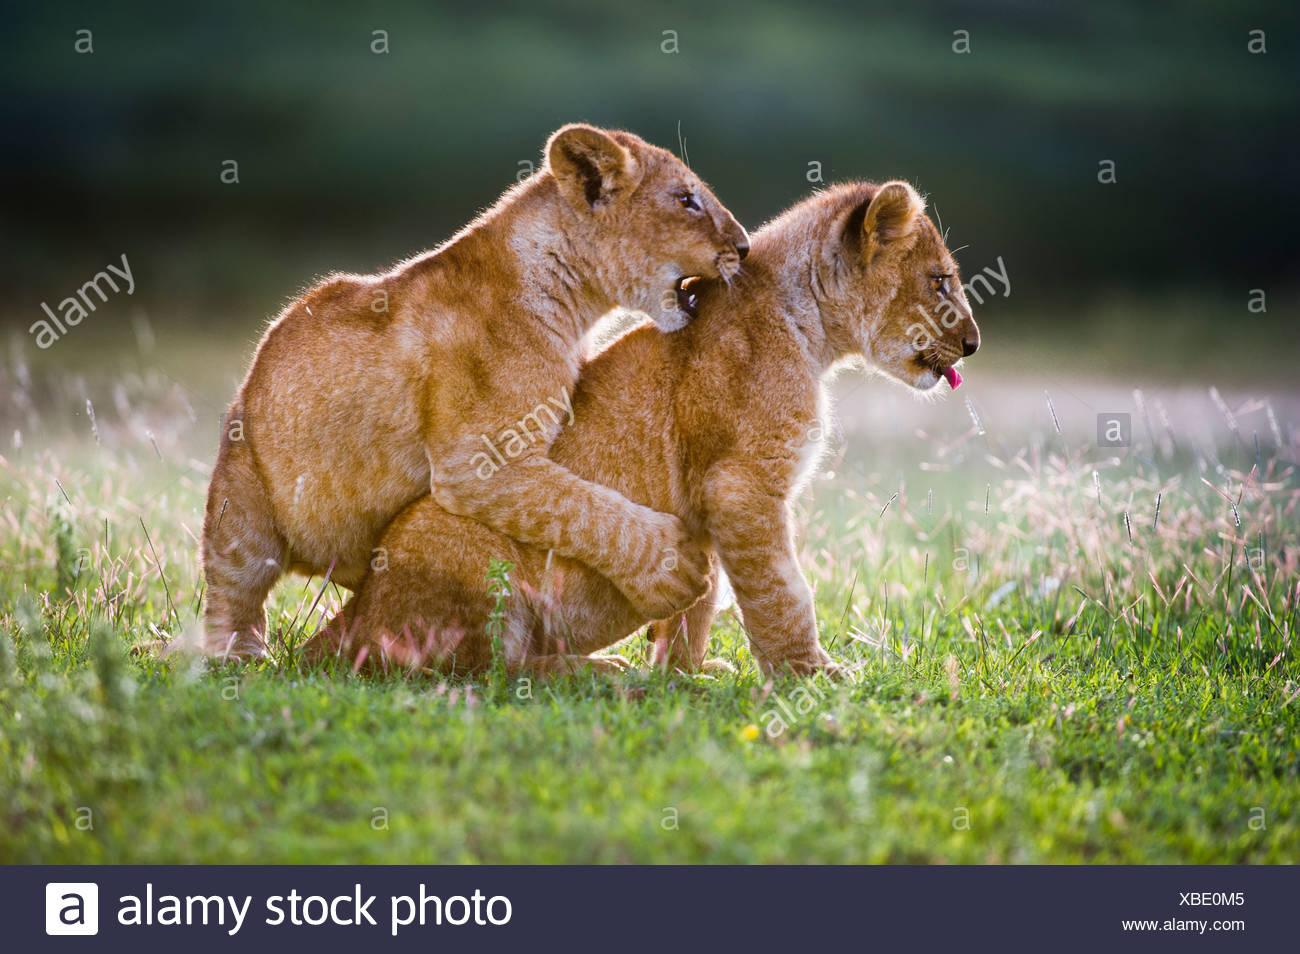 L'African Lion cubs environ 4 mois cub jouer ensemble, Grand Marais, Serengeti, Tanzanie Banque D'Images